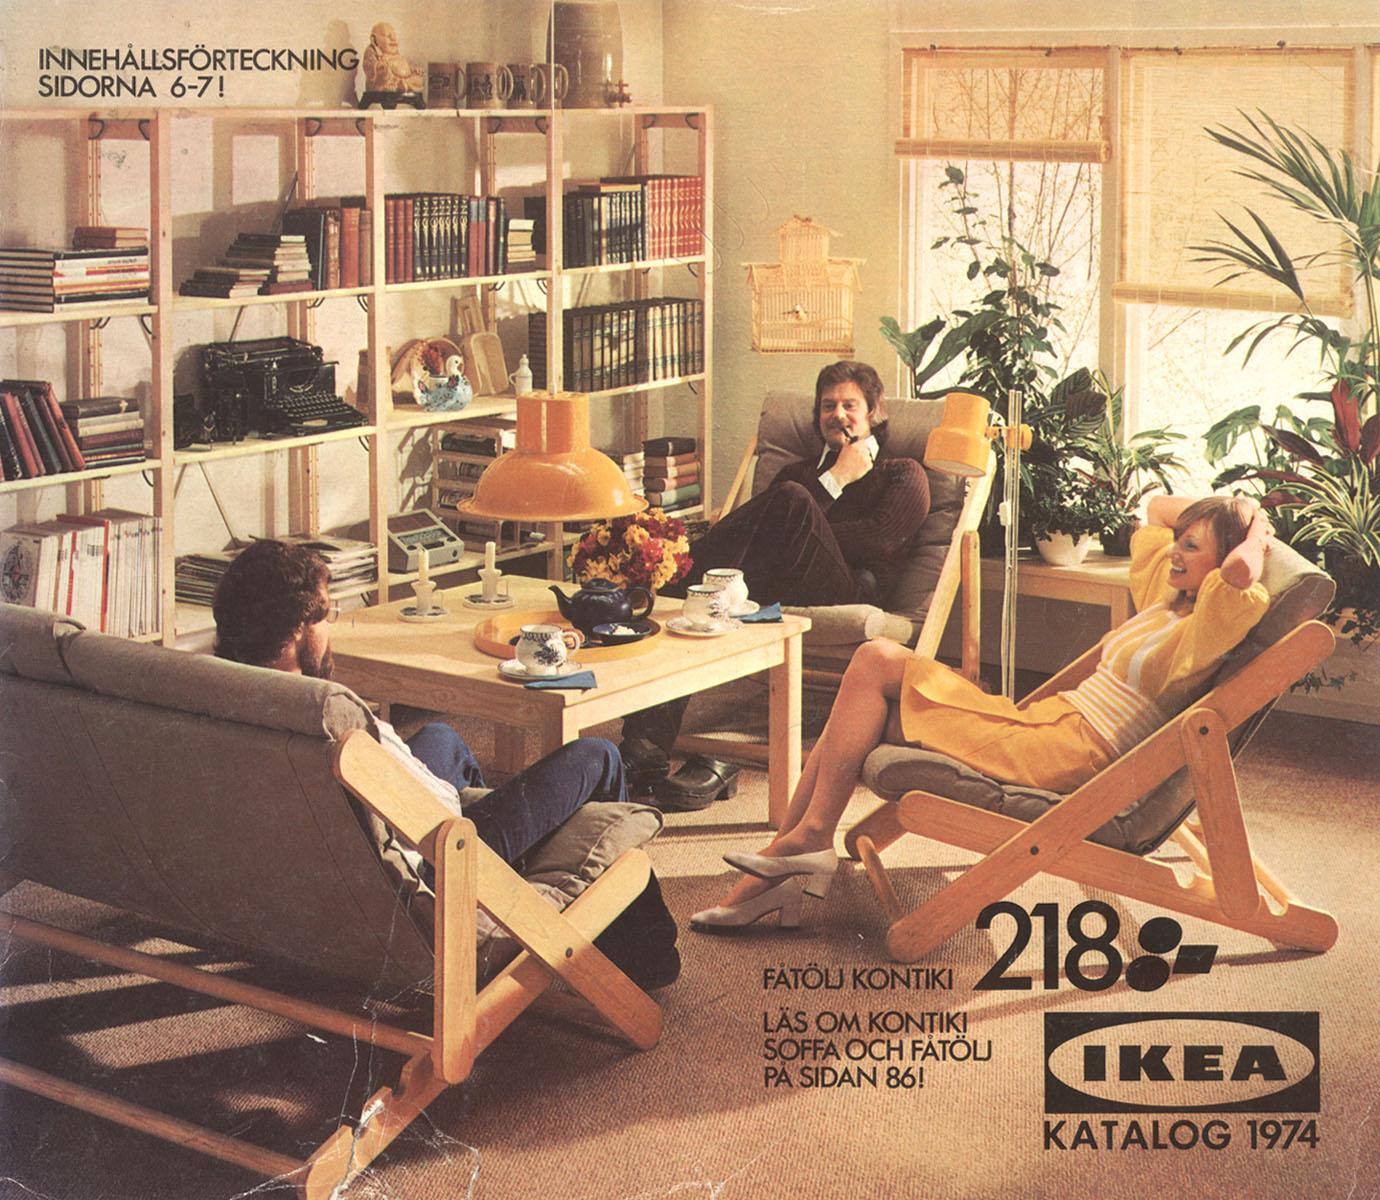 Ikea 2012 Catalog Ikea Catalog Covers From 1951 2018